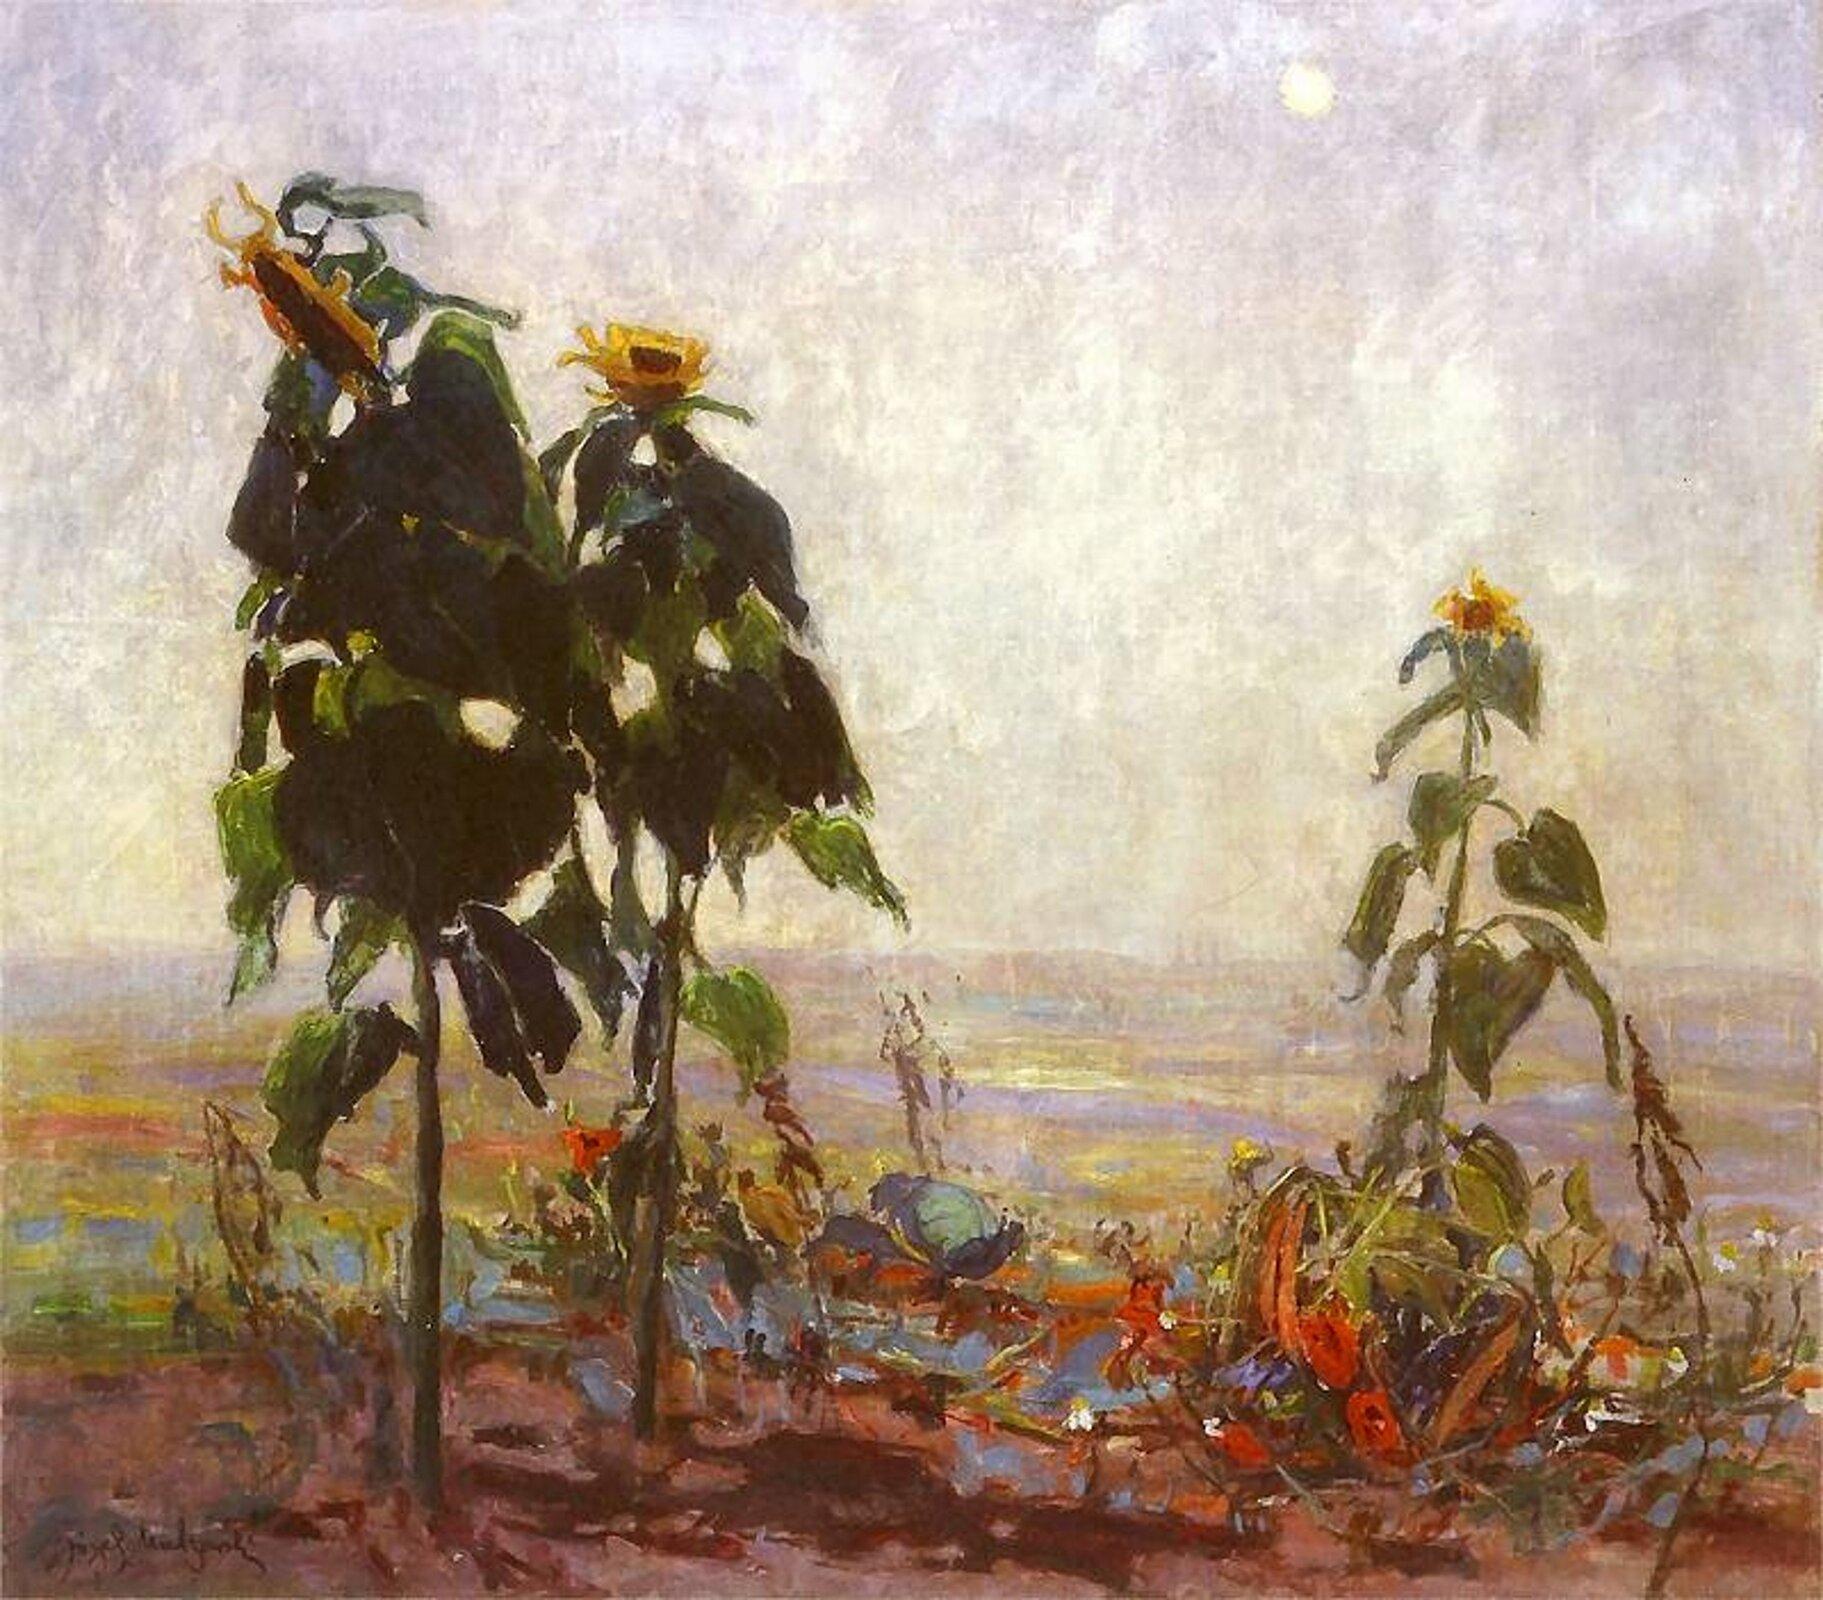 """Ilustracja przedstawia obraz pt. """"Słoneczniki"""" autorstwa Tadeusza Makowskiego. Obraz ukazuje trzy kwiaty słonecznika rosnące na polanie. Woddali widoczny jest krajobraz miasta."""